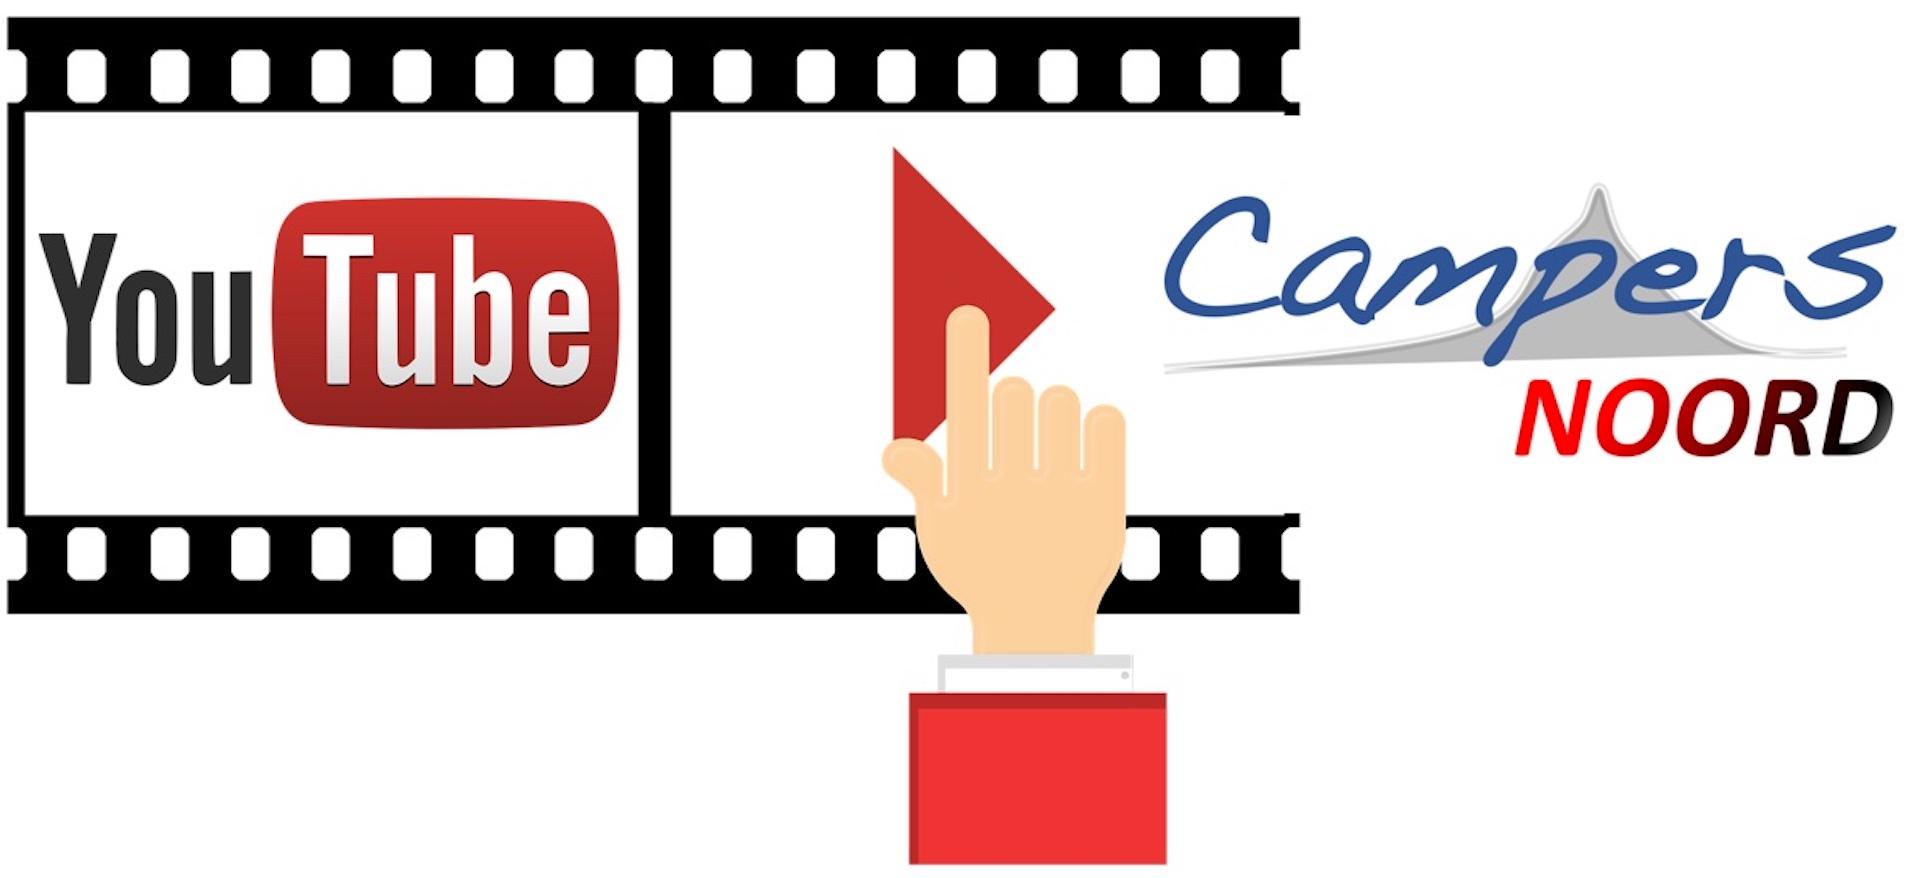 Campers Noord op Youtube